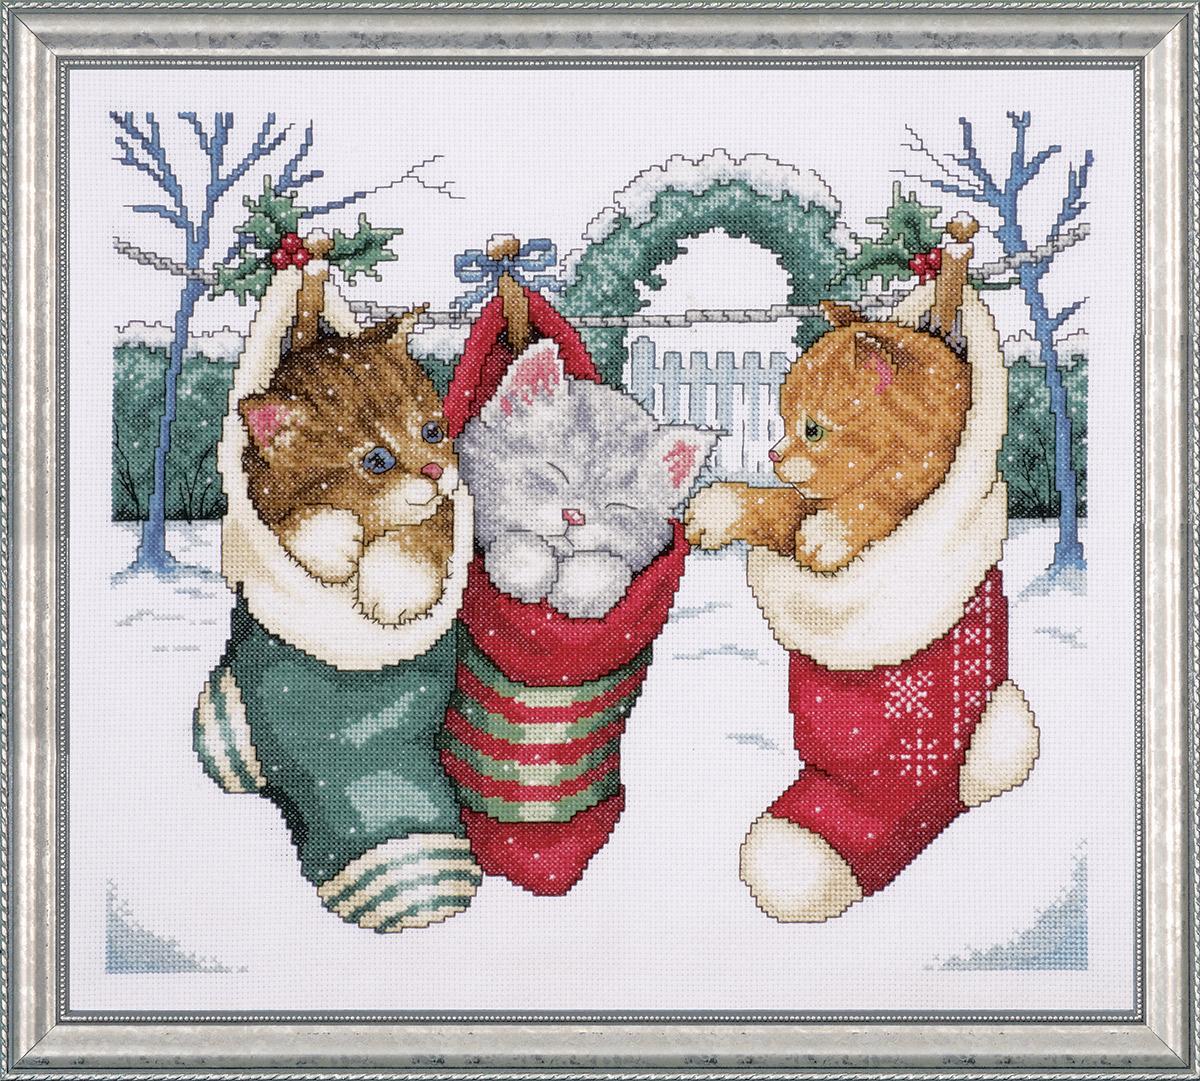 Набор для вышивания крестом Design Works Уютные котята, 31 х 36 см5979Канва Аида 14 (100% хлопок), нитки мулине (100% хлопок), игла, подробная инструкция со схемой вышивки на русском языке